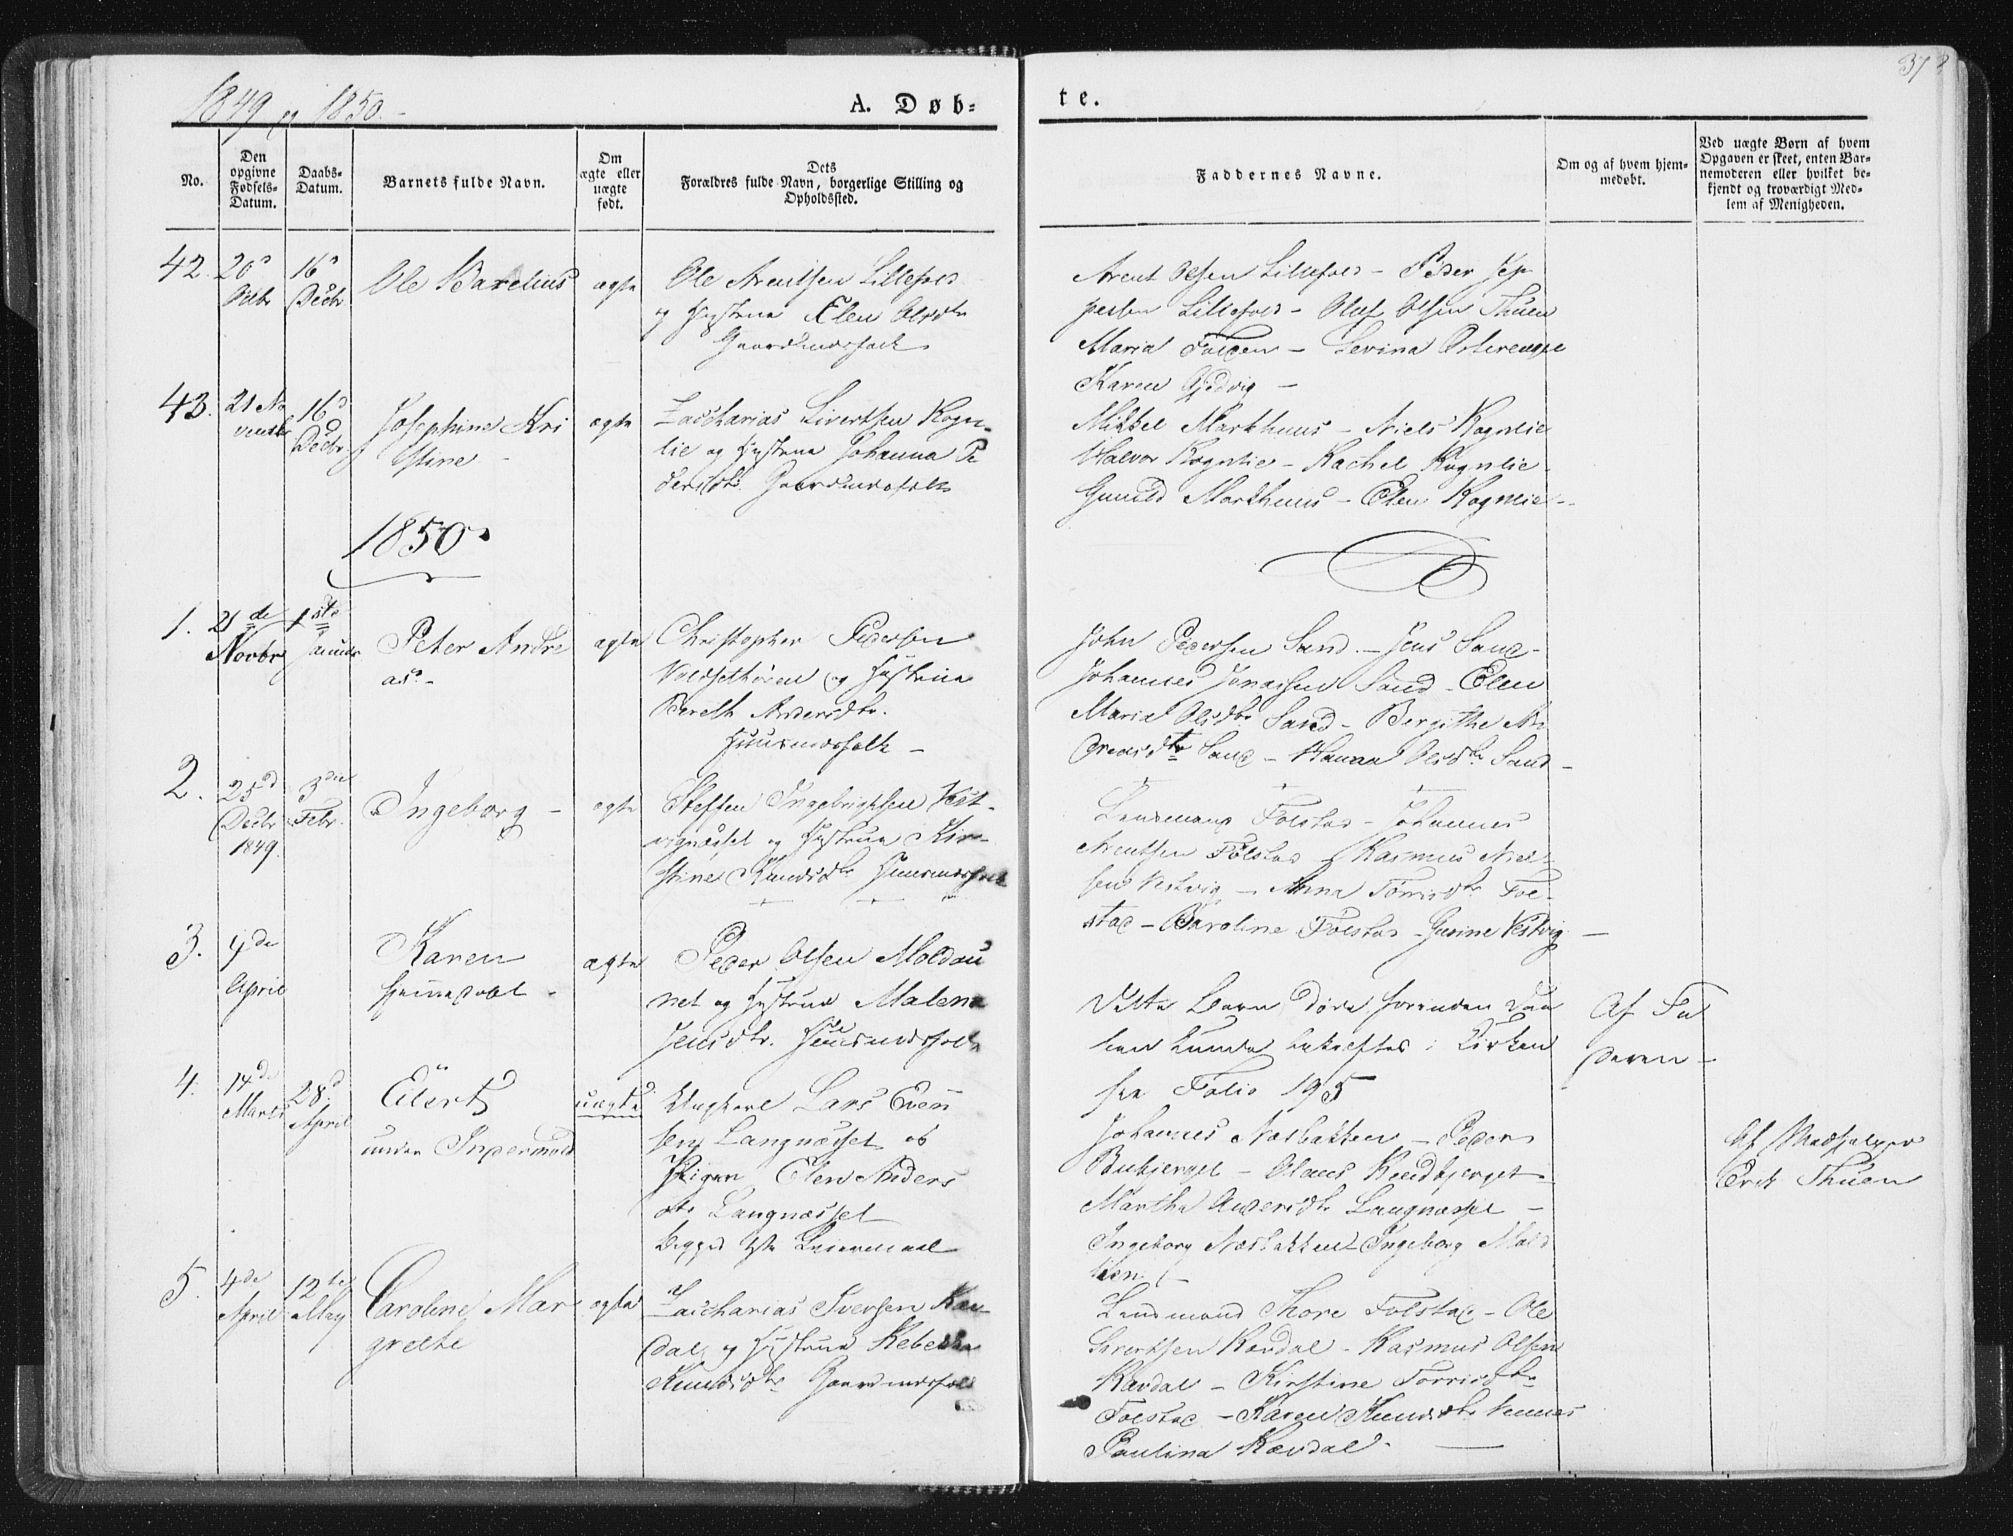 SAT, Ministerialprotokoller, klokkerbøker og fødselsregistre - Nord-Trøndelag, 744/L0418: Ministerialbok nr. 744A02, 1843-1866, s. 37